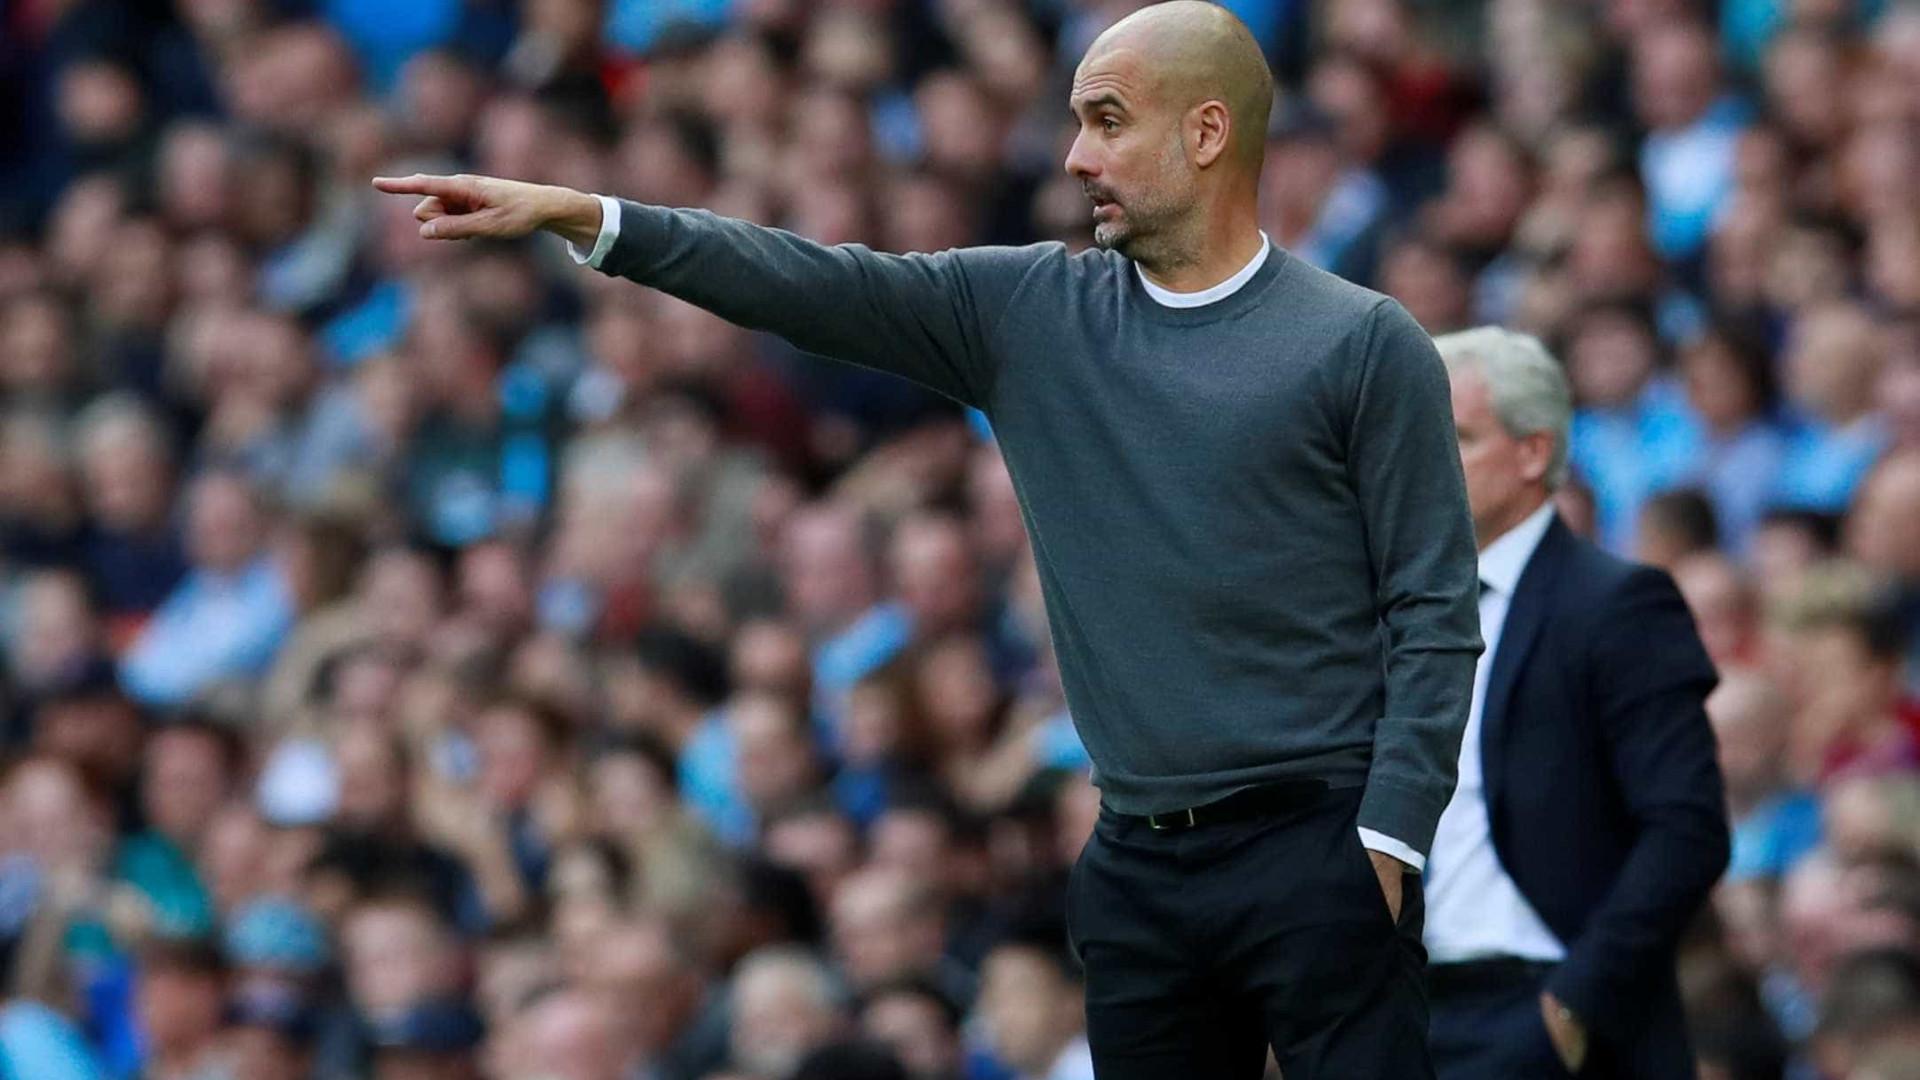 'Melhor jogo desde que cheguei ao City', diz Guardiola após goleada